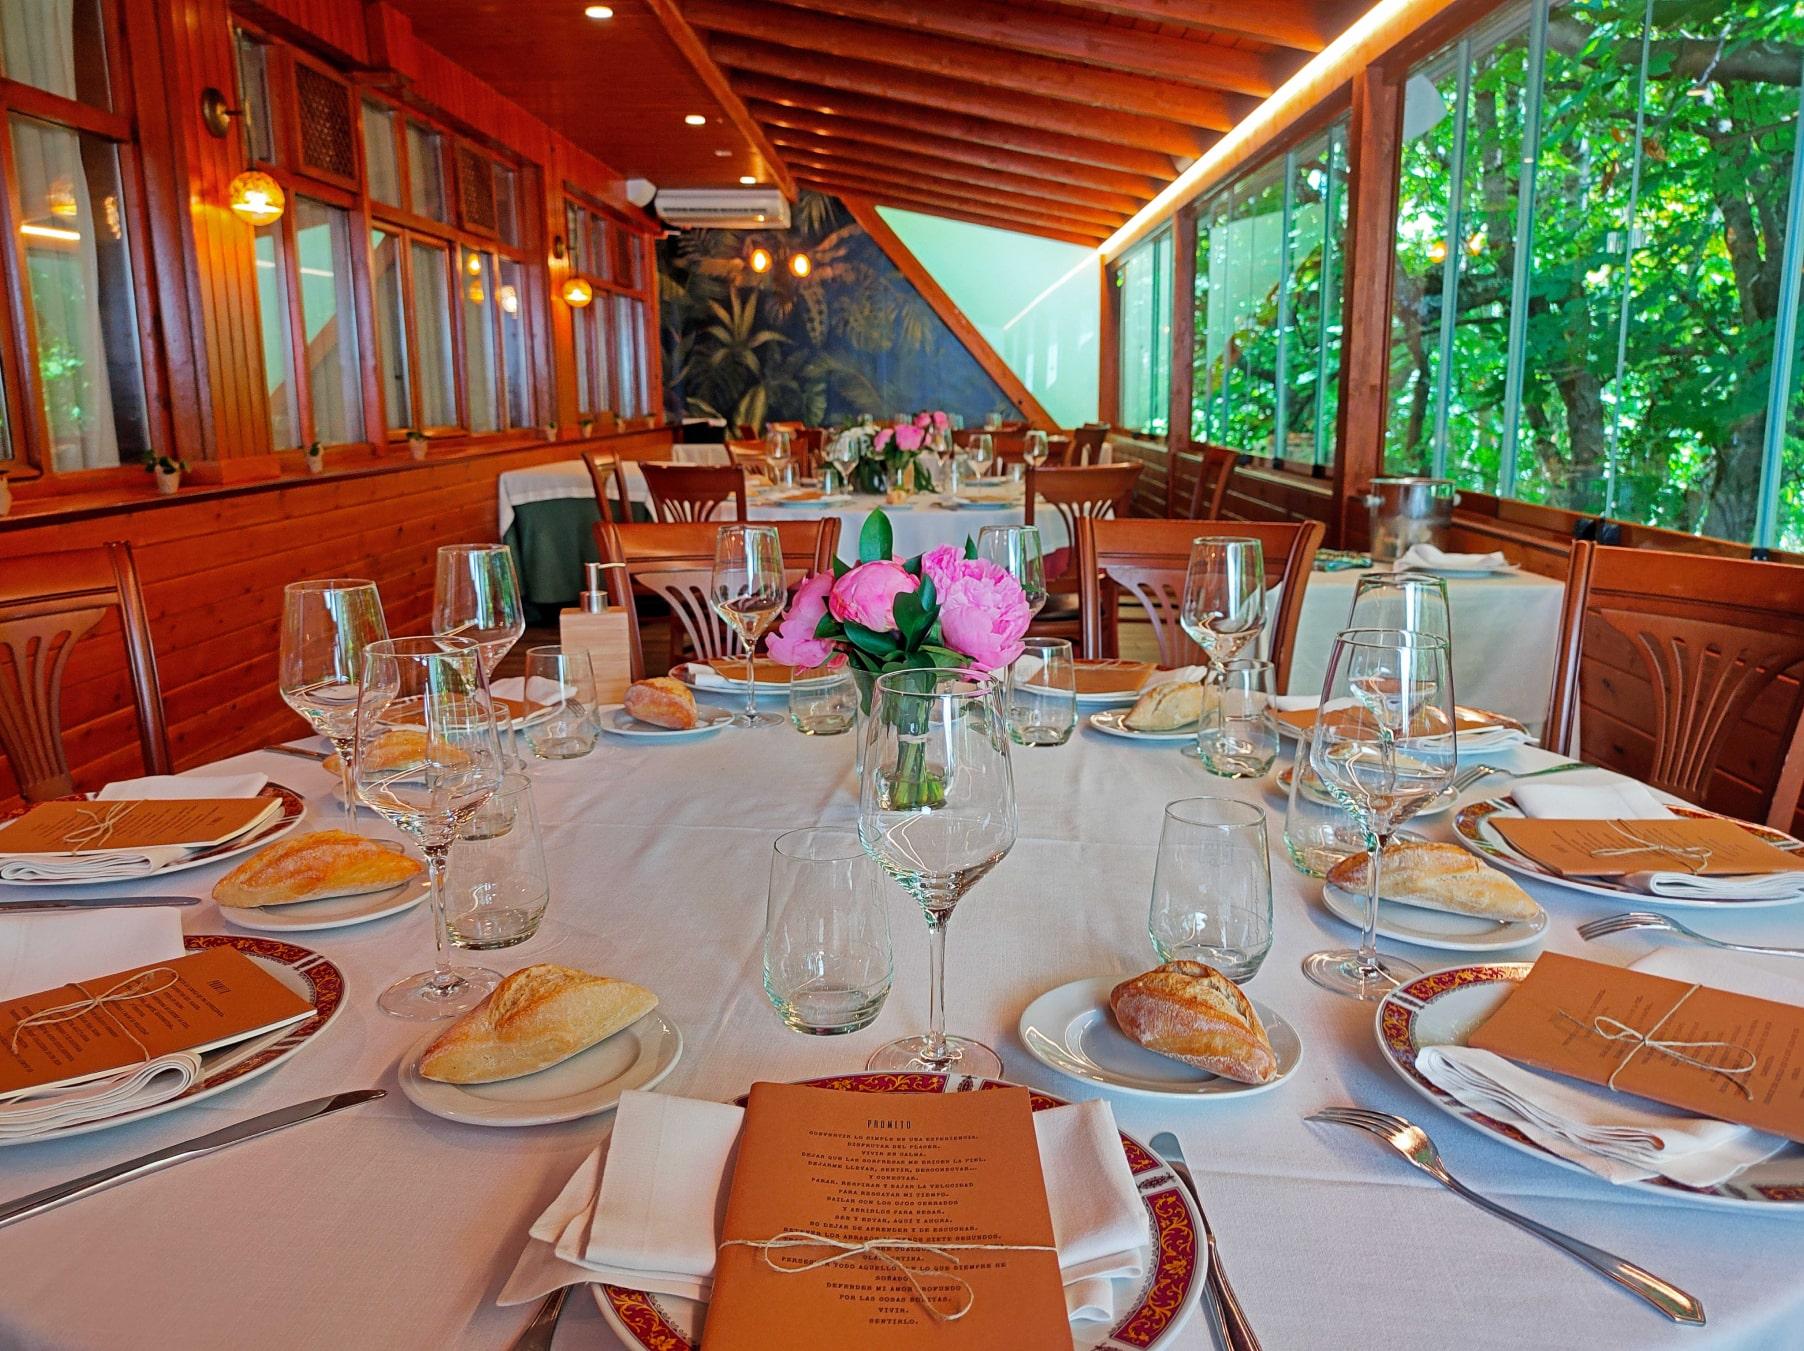 eventos-restaurante-horizontal (2)eventos-restaurante-horizontal (2)